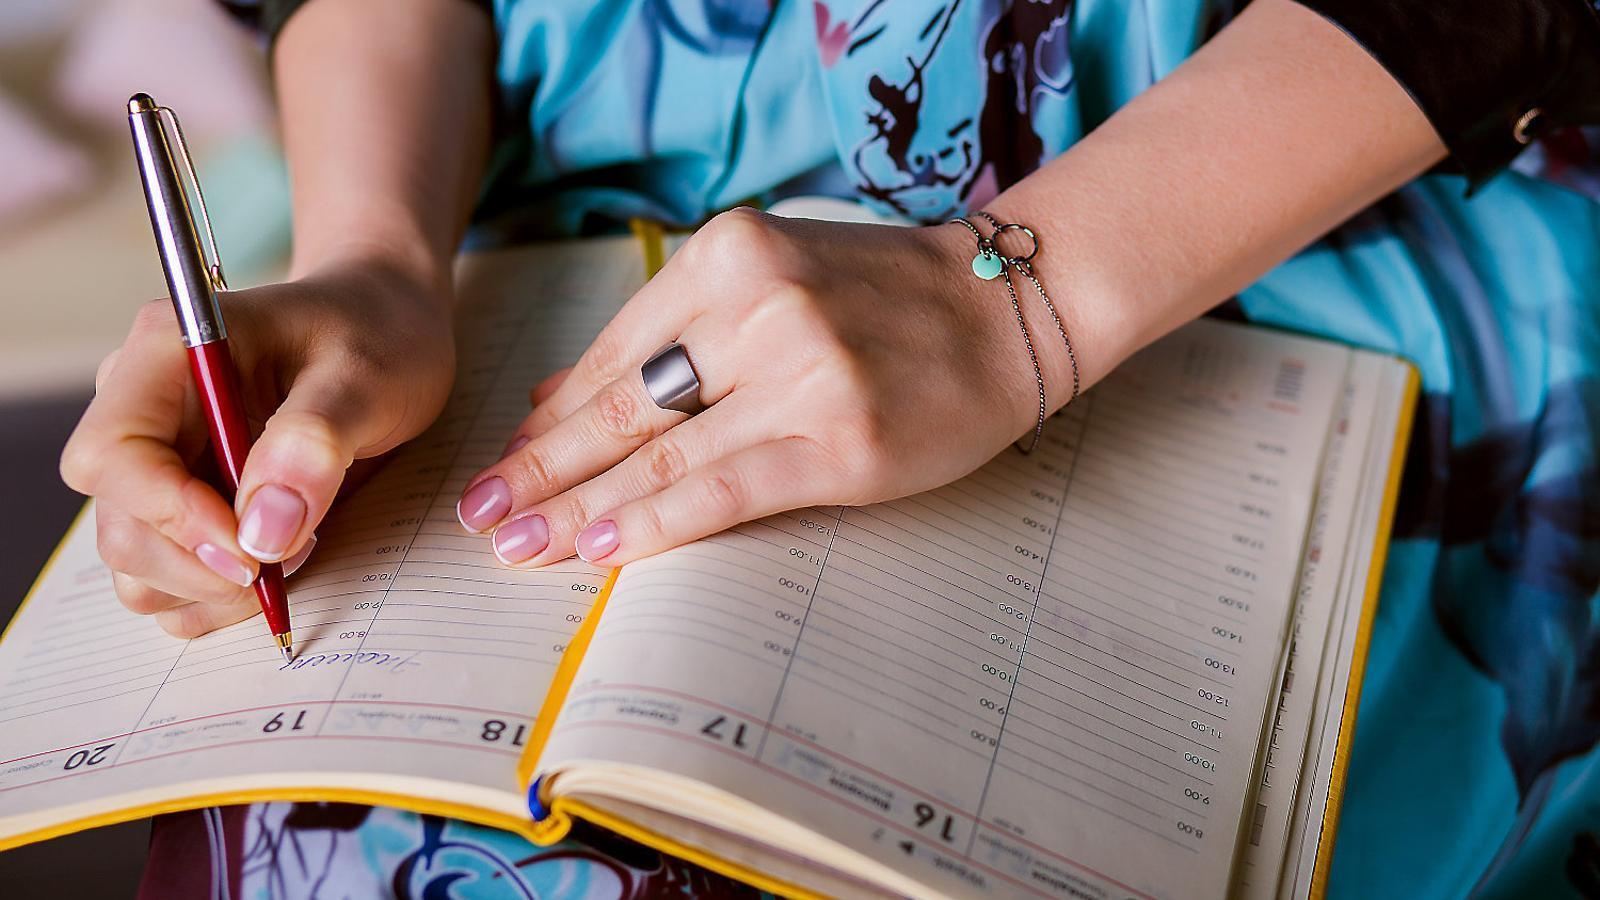 Persona usando una agenda de papel